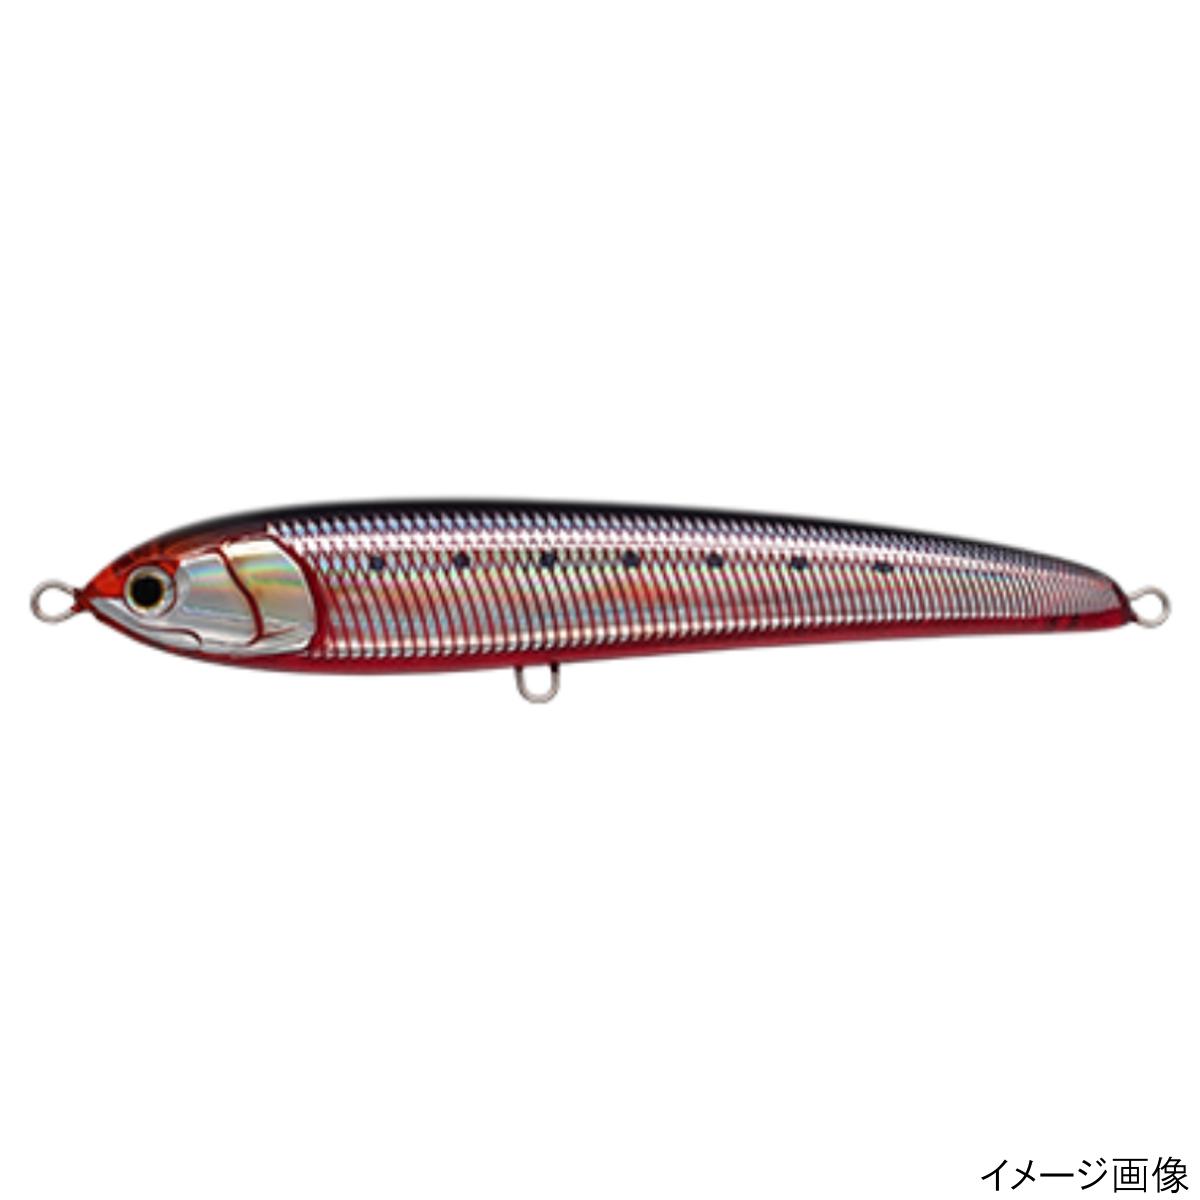 大人気 永遠の定番モデル 釣具のポイント ラピードF190 血みどろイワシ B02D